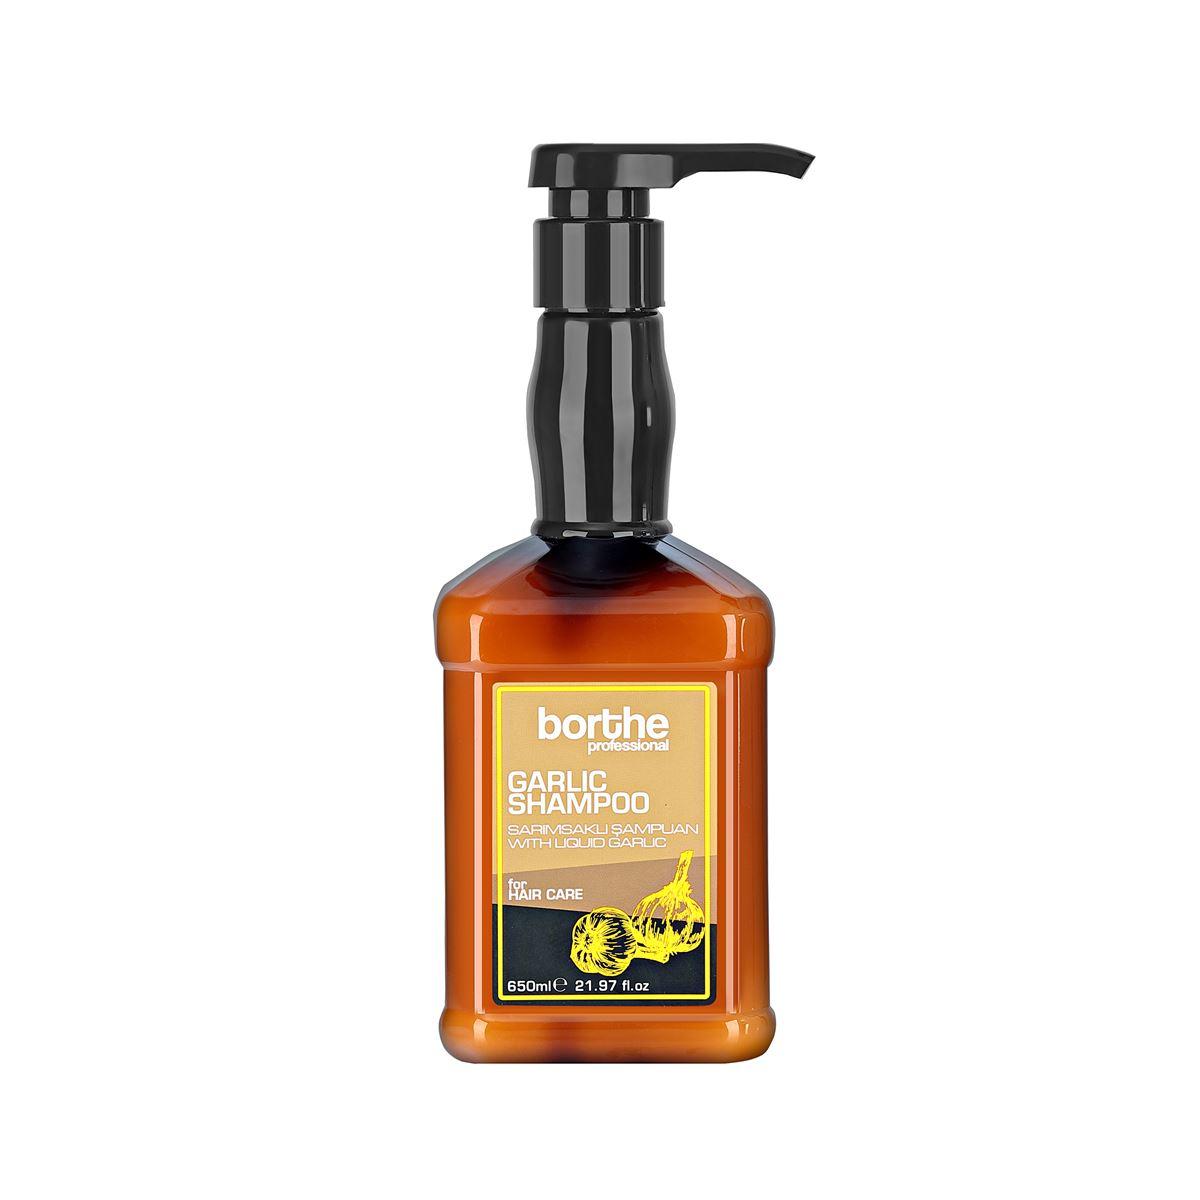 Borthe Garlic Shampoo 650 ml.